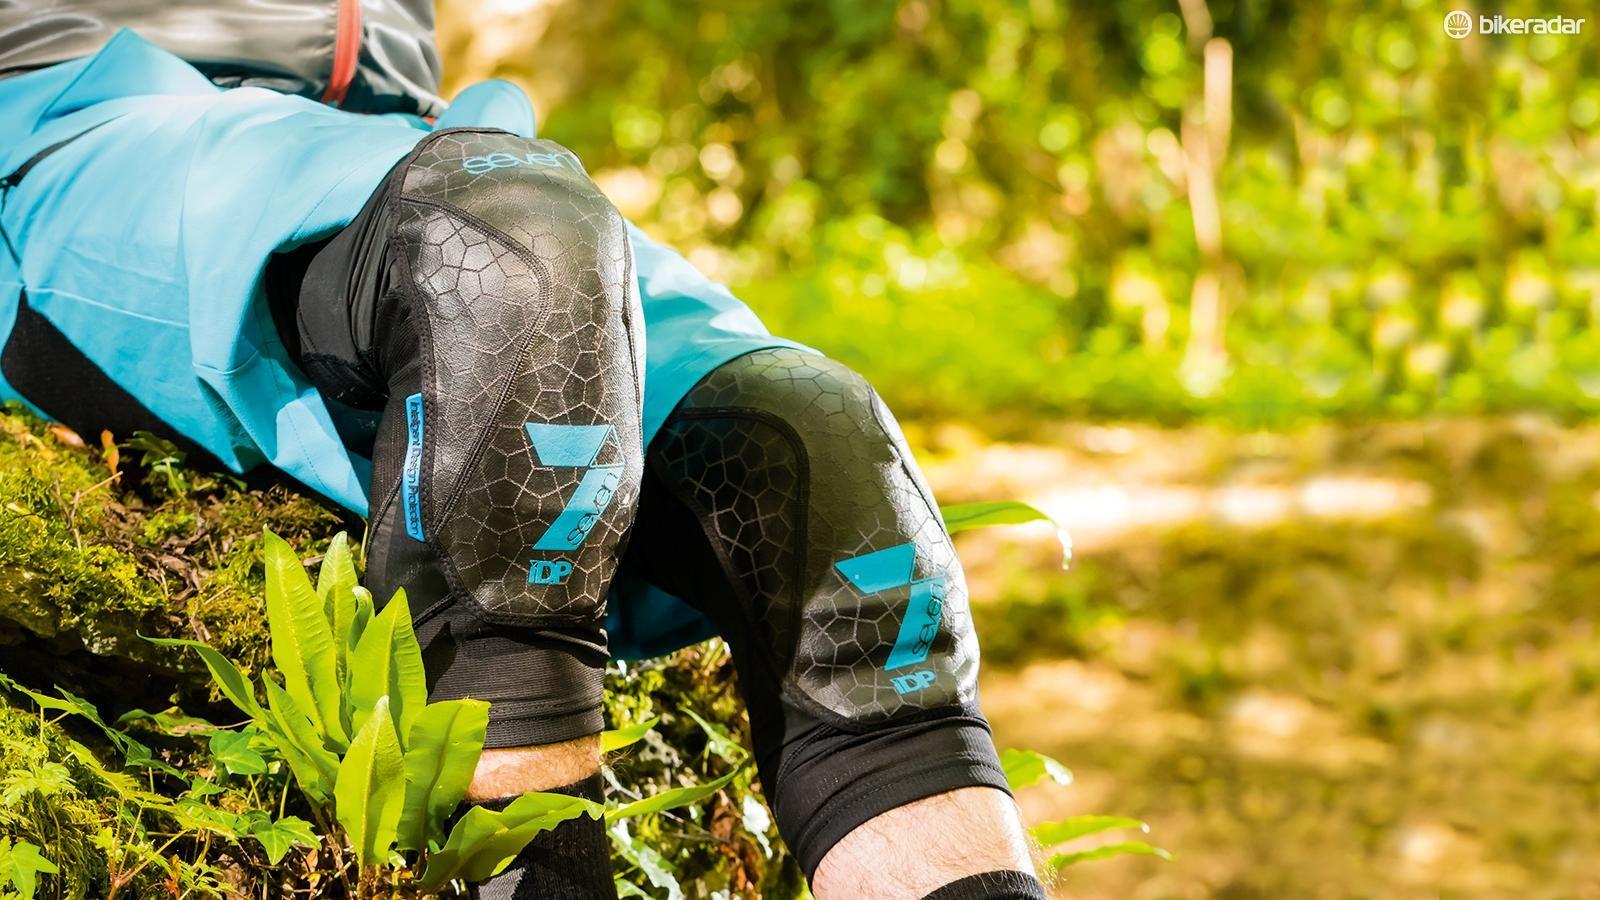 7iDP Covert kneepads